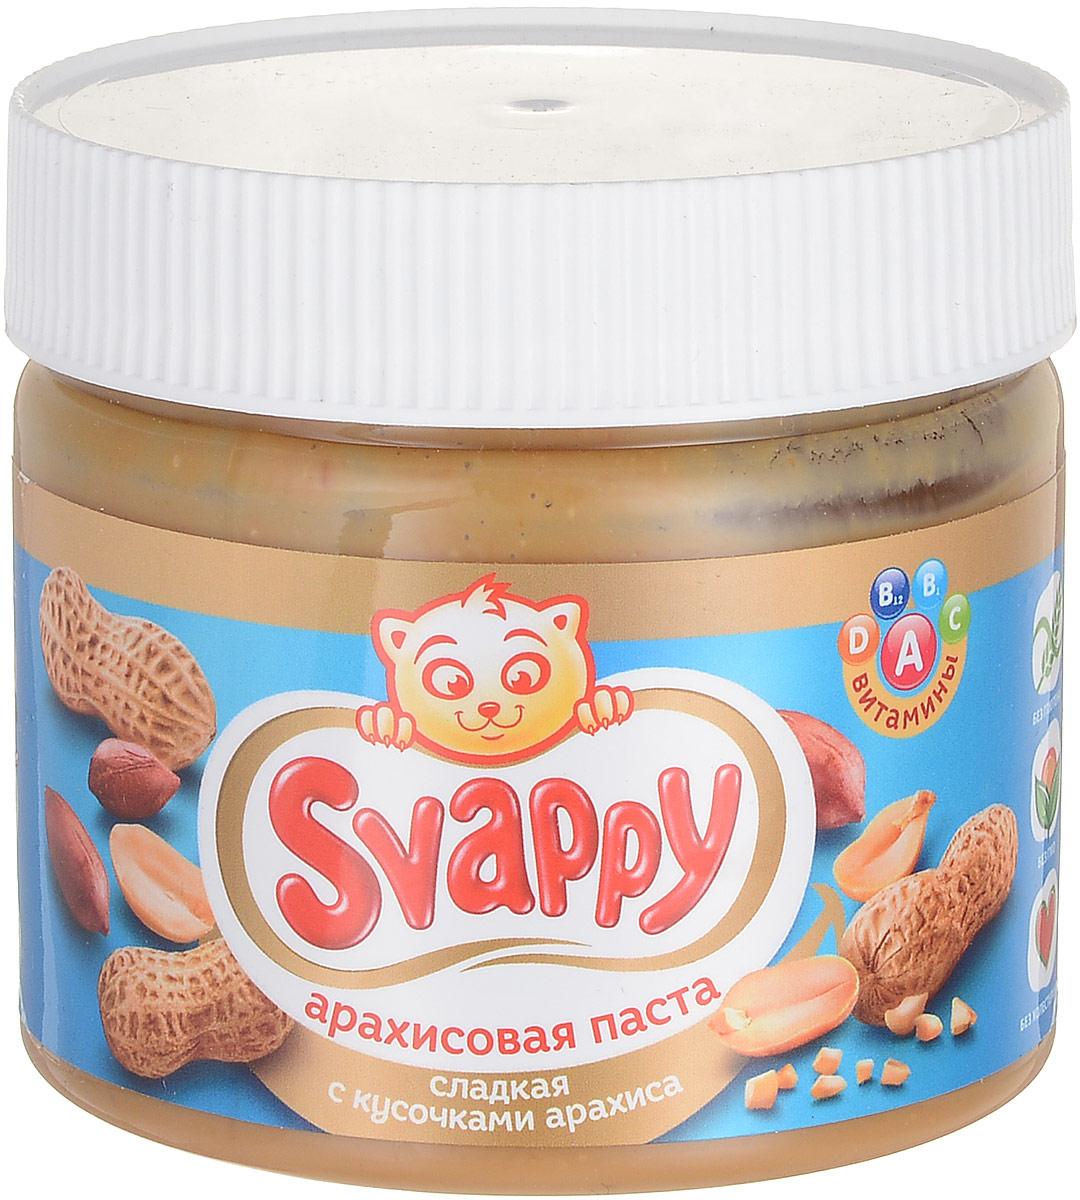 """Арахисовая сладкая паста """"Svappy"""" - эксклюзивный продукт из отборного аргентинского арахиса, выращенного по стандартам контроля GMP. Паста не содержит в себе ГМО, глютена и прочих вредных веществ. Процедура обжаривания арахиса происходит по особой рецептуре, разработанной технологами, также паста имеет приятную консистенцию, не прилипает во время еды и насыщена витаминами A, B1, B12, C, D. Каждая баночка проходит чуткий контроль технологов и отдела ОТК. Продукция полностью сертифицирована и прошла все лабораторные и бактериологические исследования. Уважаемые клиенты! Обращаем ваше внимание, что полный перечень состава продукта представлен на дополнительном изображении."""